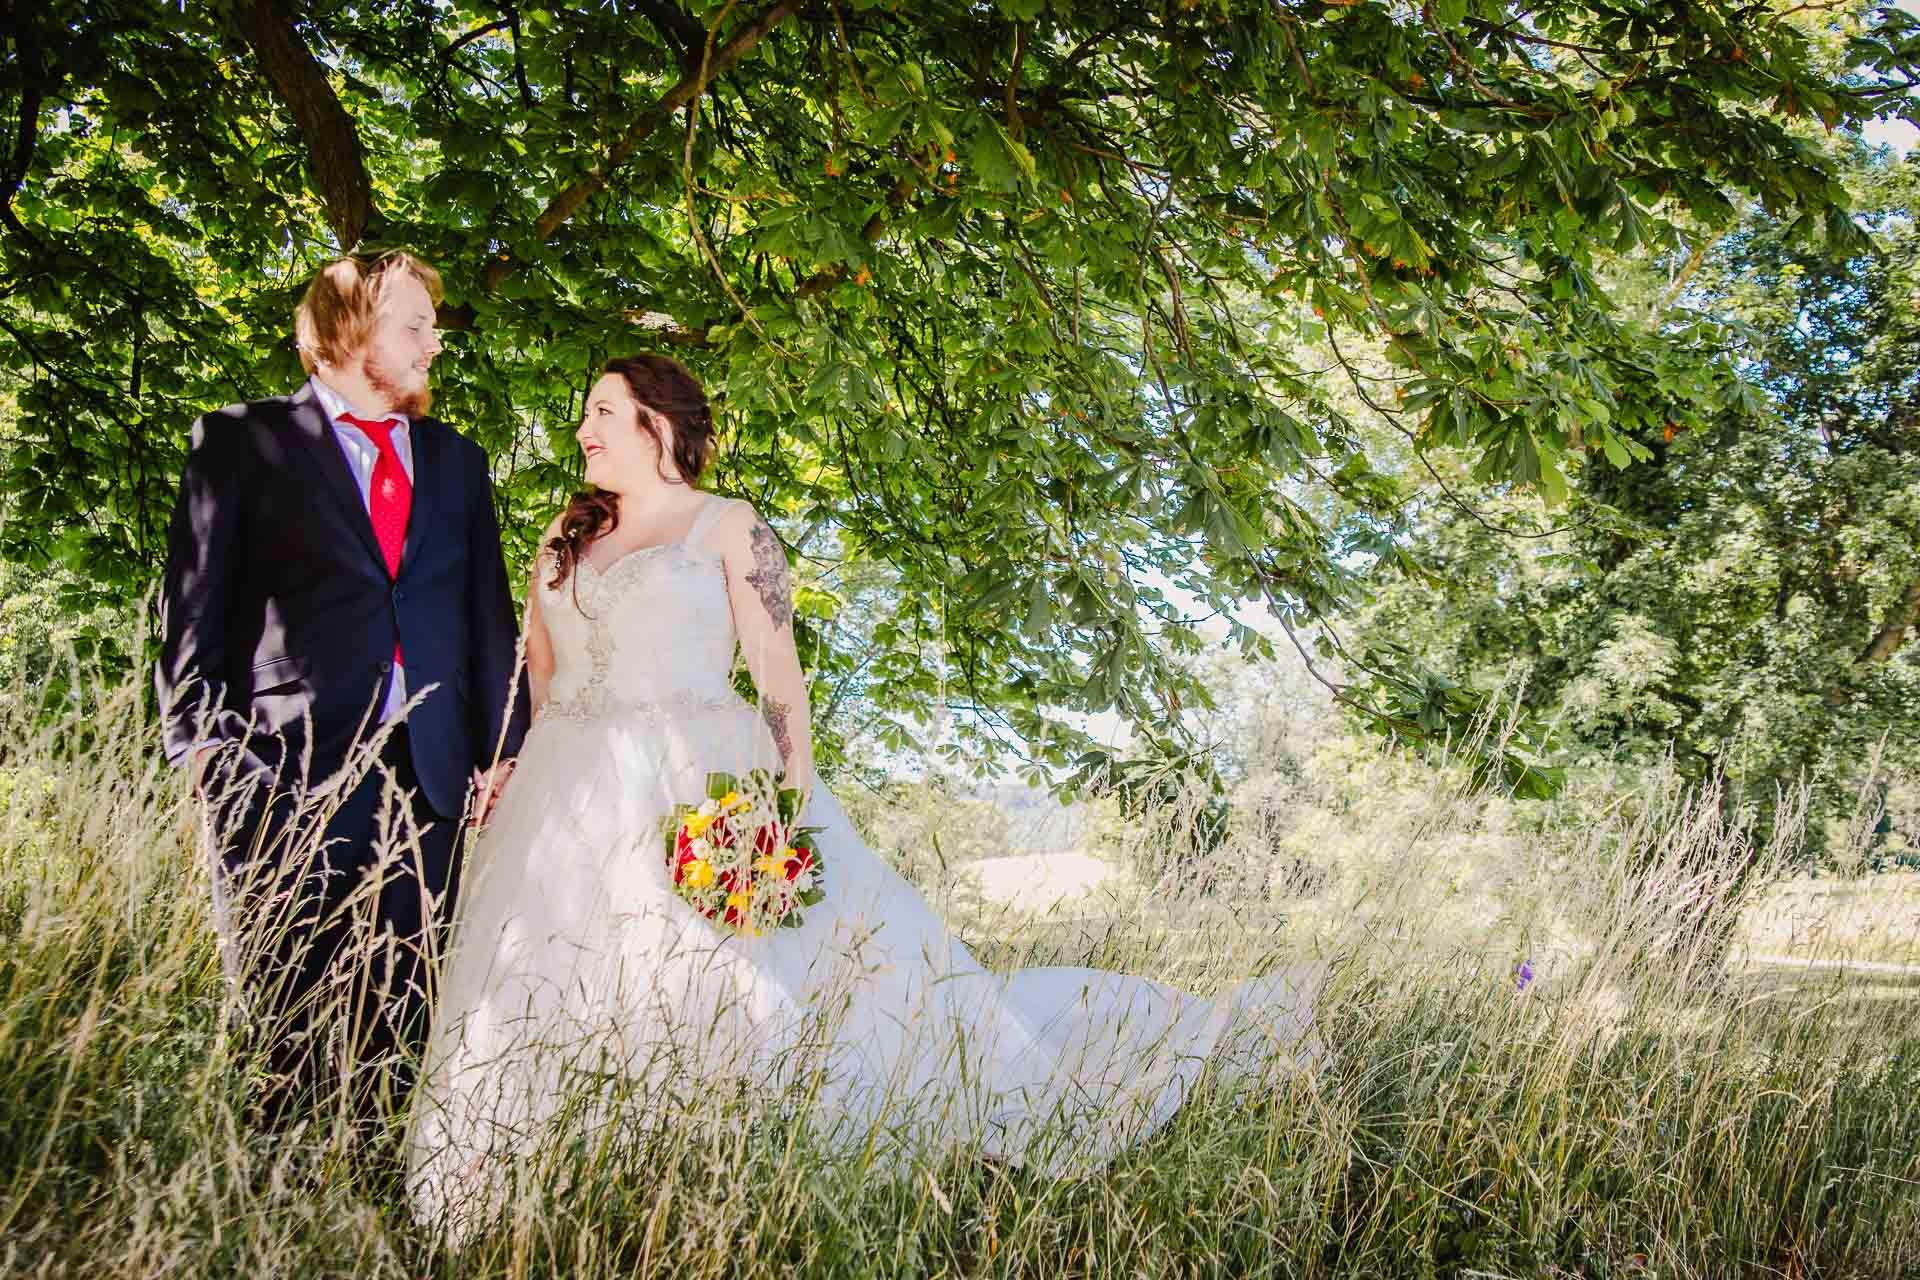 příprava-svatebního-obřadu-Lysá-nad-Labem-svatební-agentura-Svatbavenku-4354